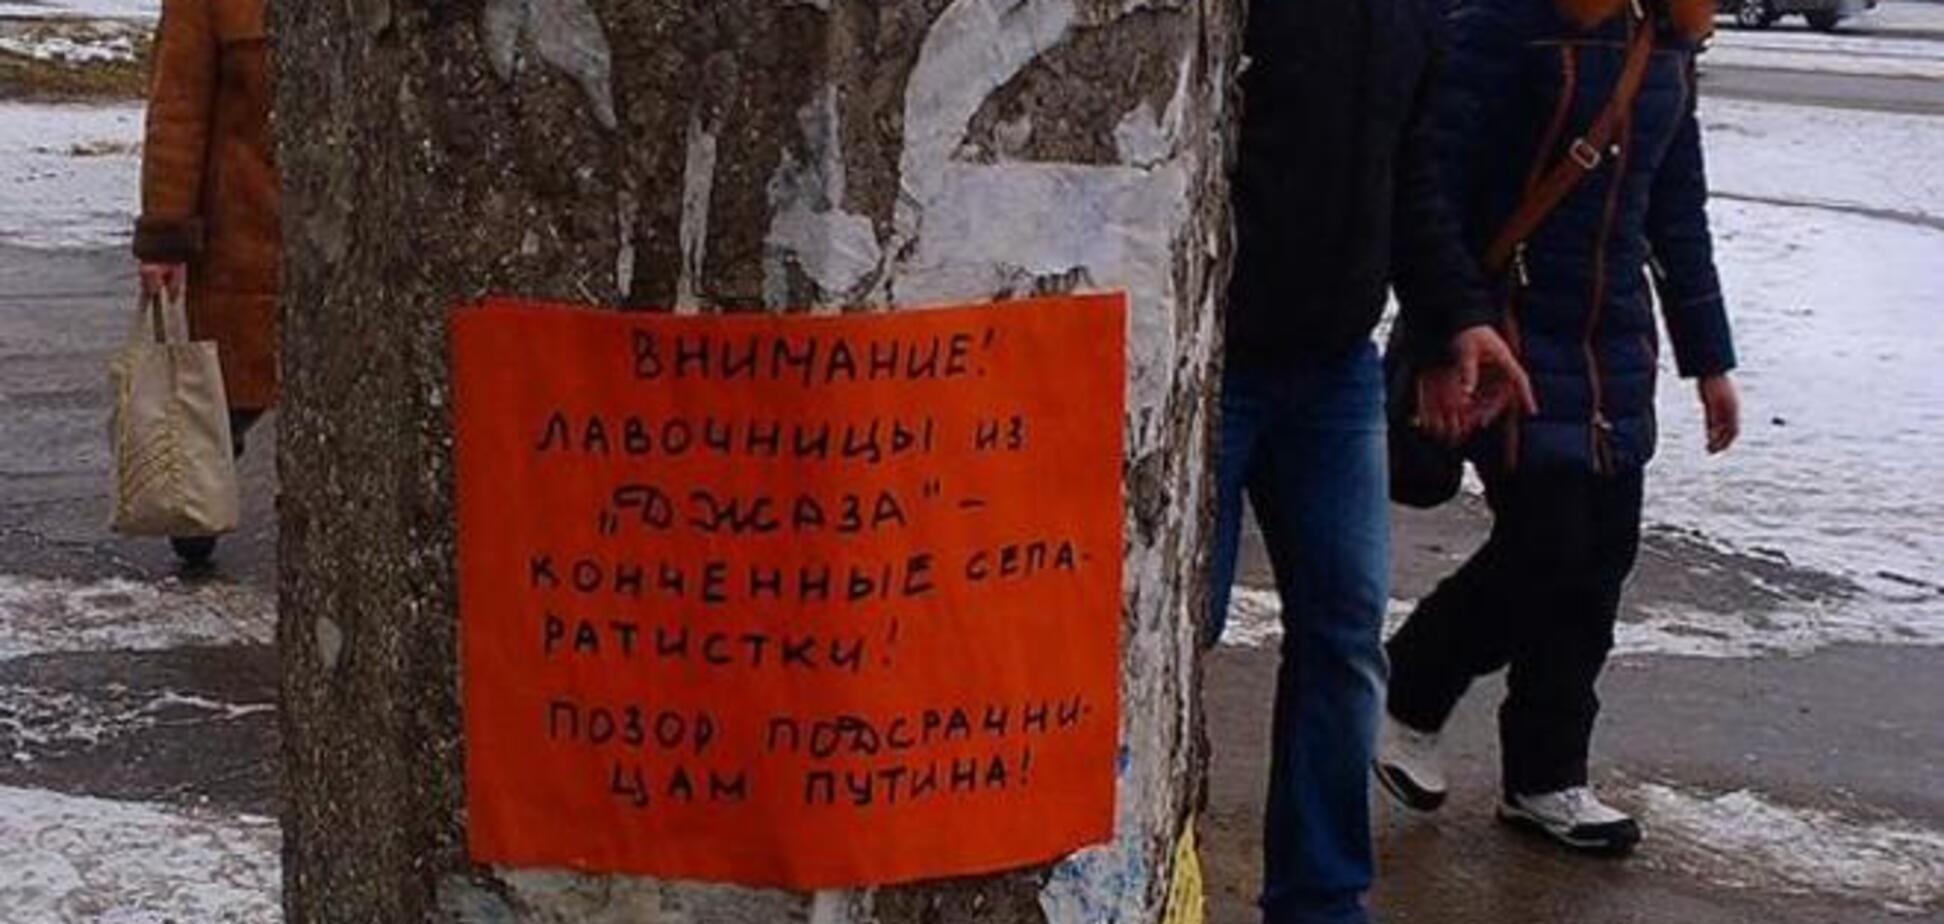 В Северодонецке разоблачают местных сепаратистов на 'столбах позора': фото объявления